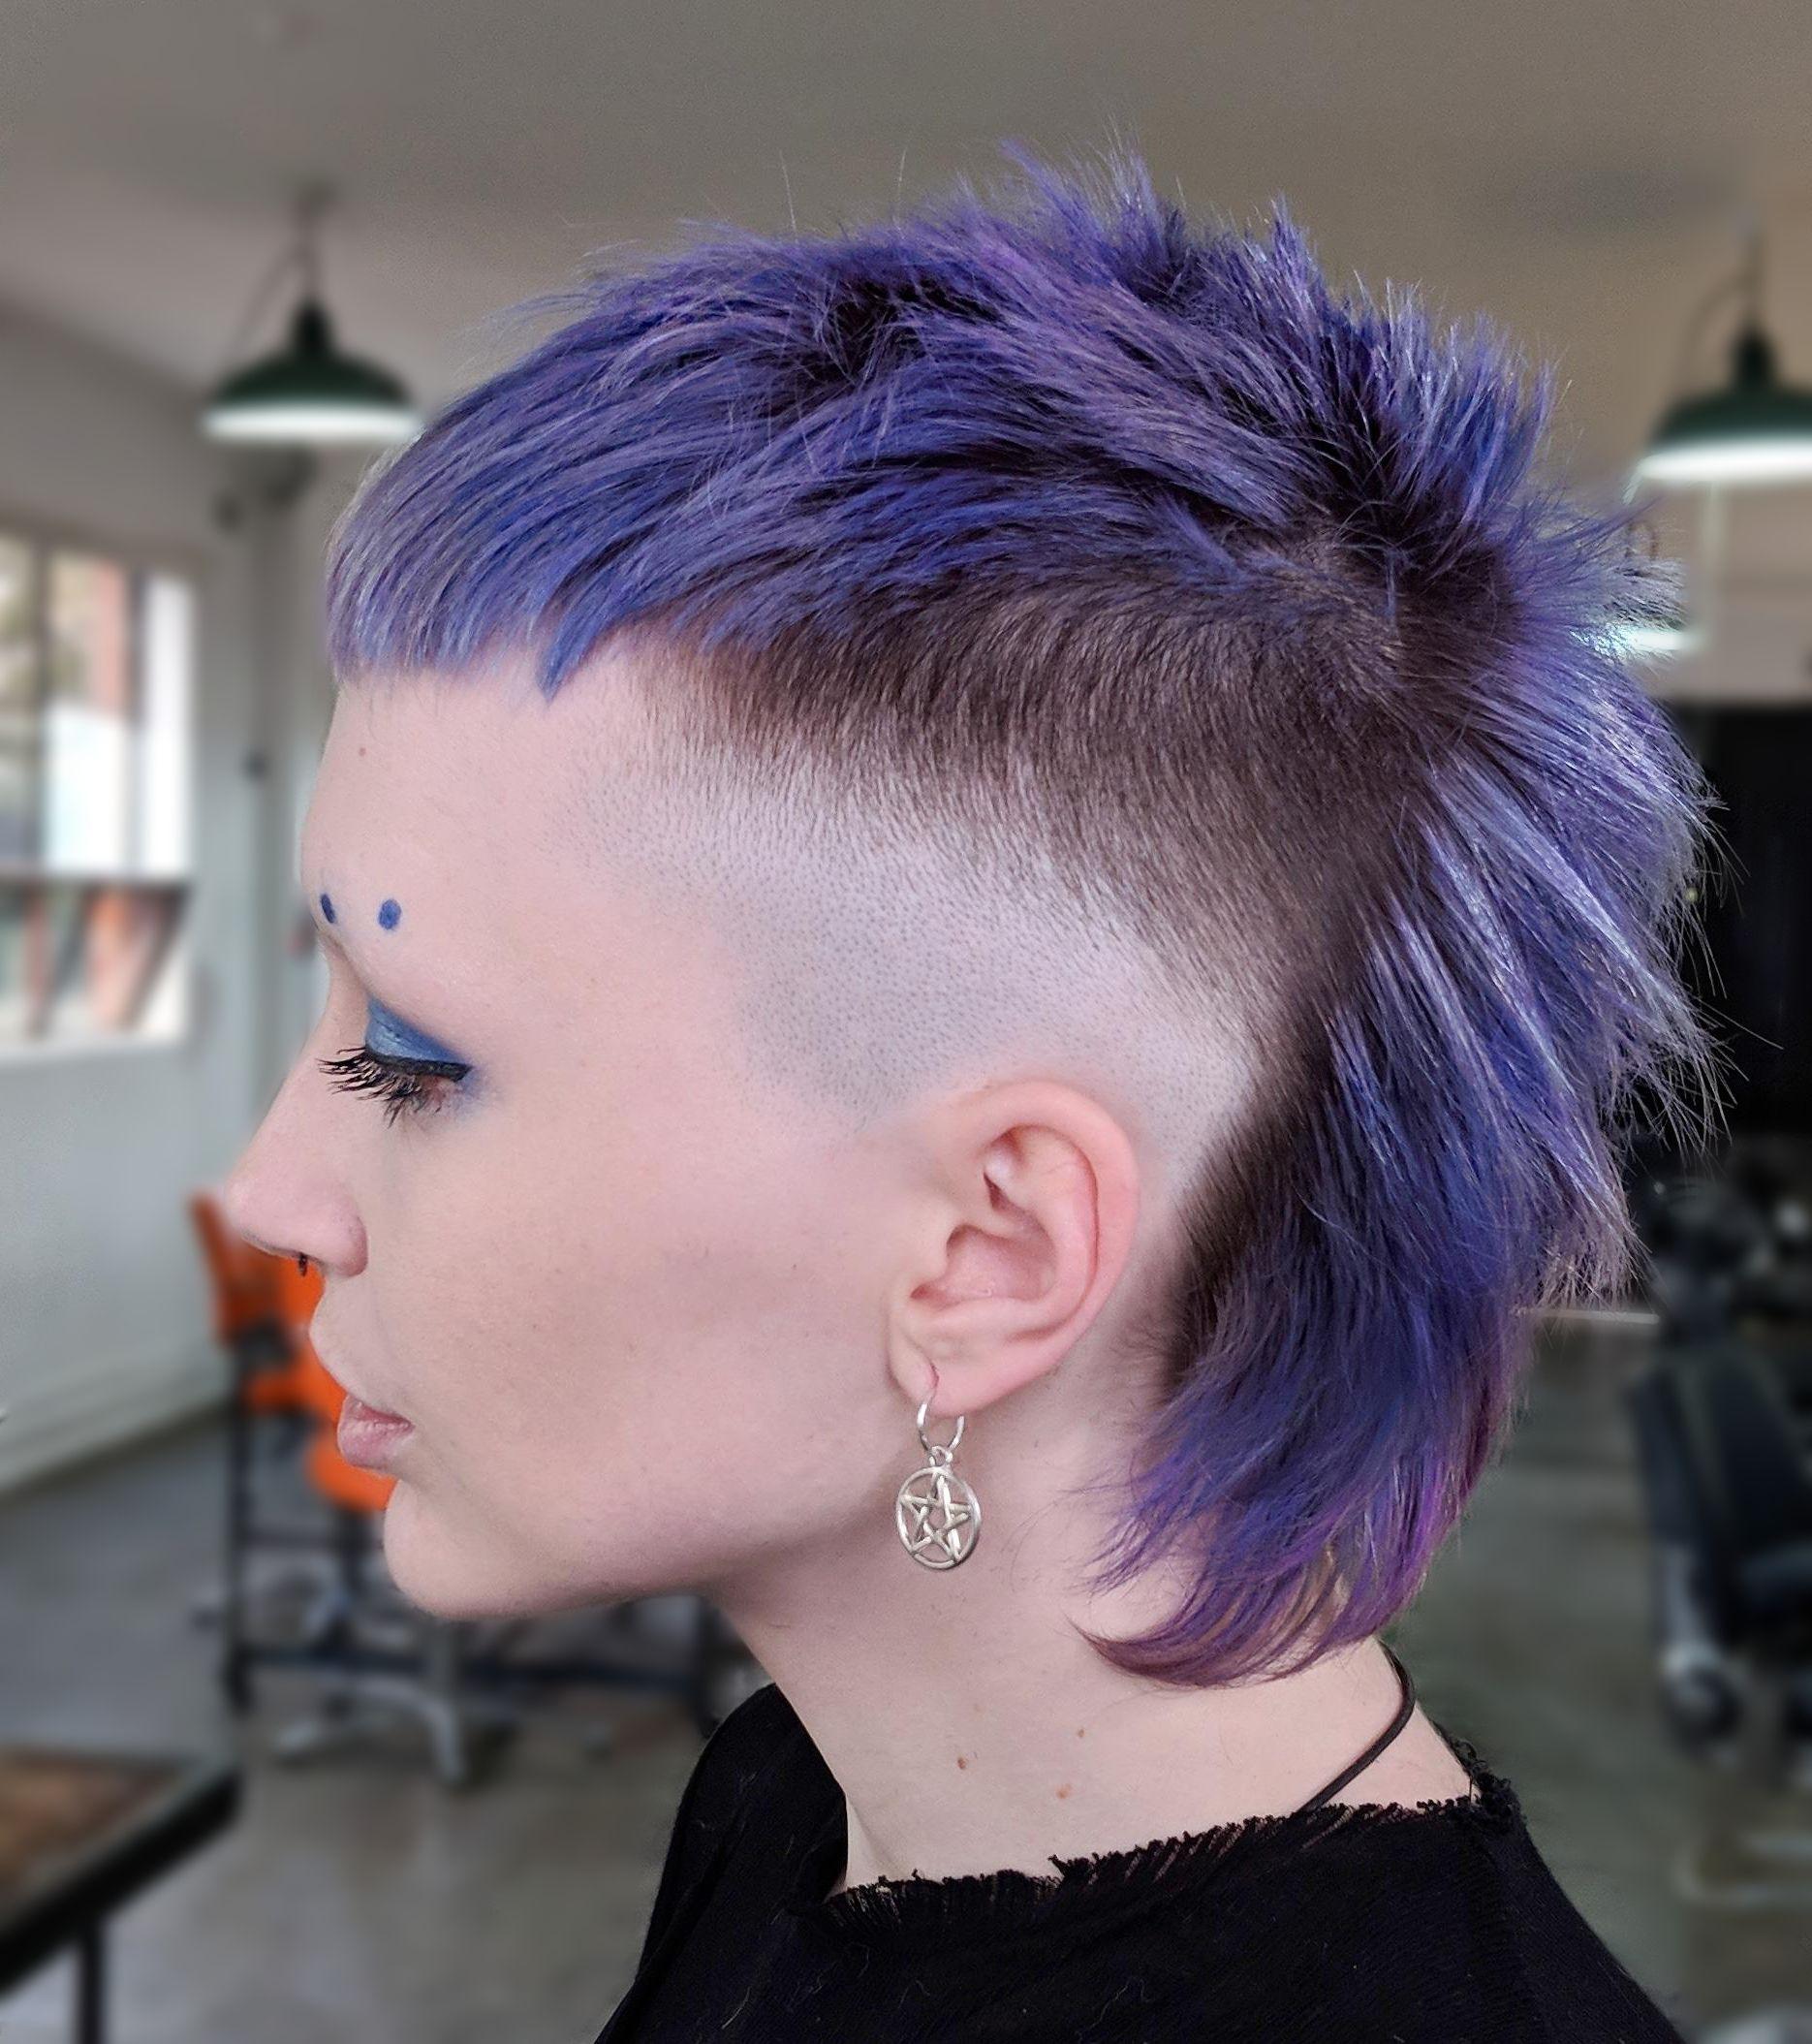 analog haircut $130 | purple hair ideas | fantasy hair color